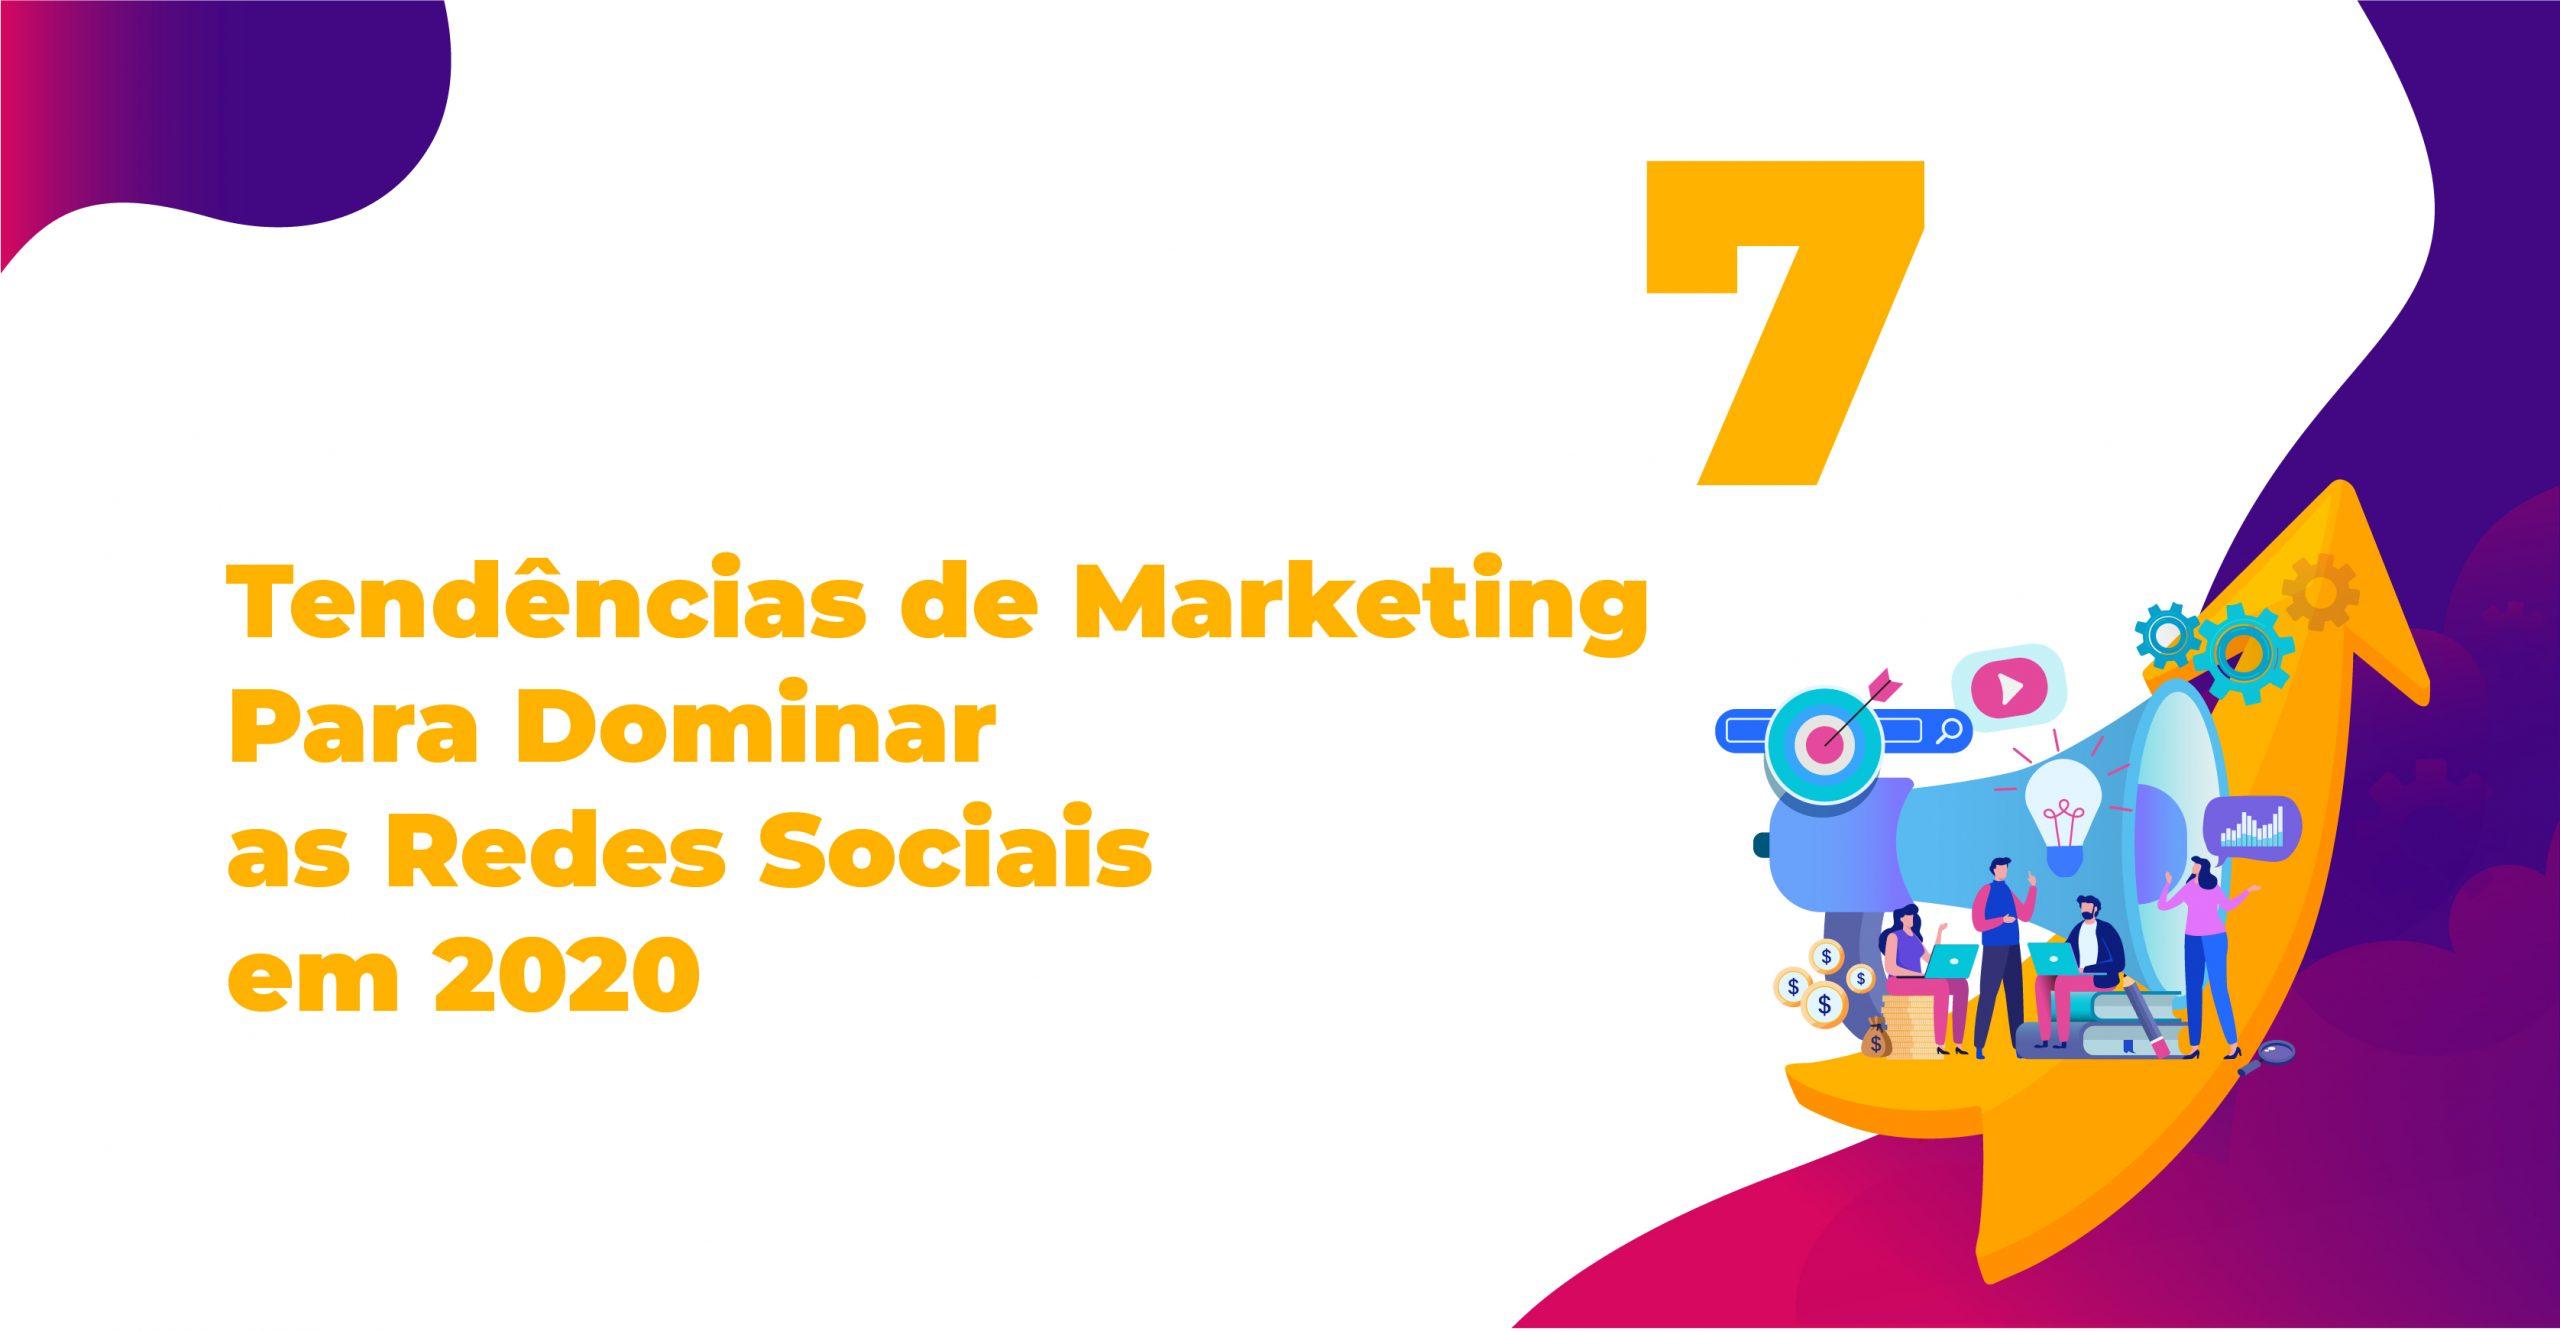 7 Tendências de Marketing Para Dominar as Redes Sociais em 2020